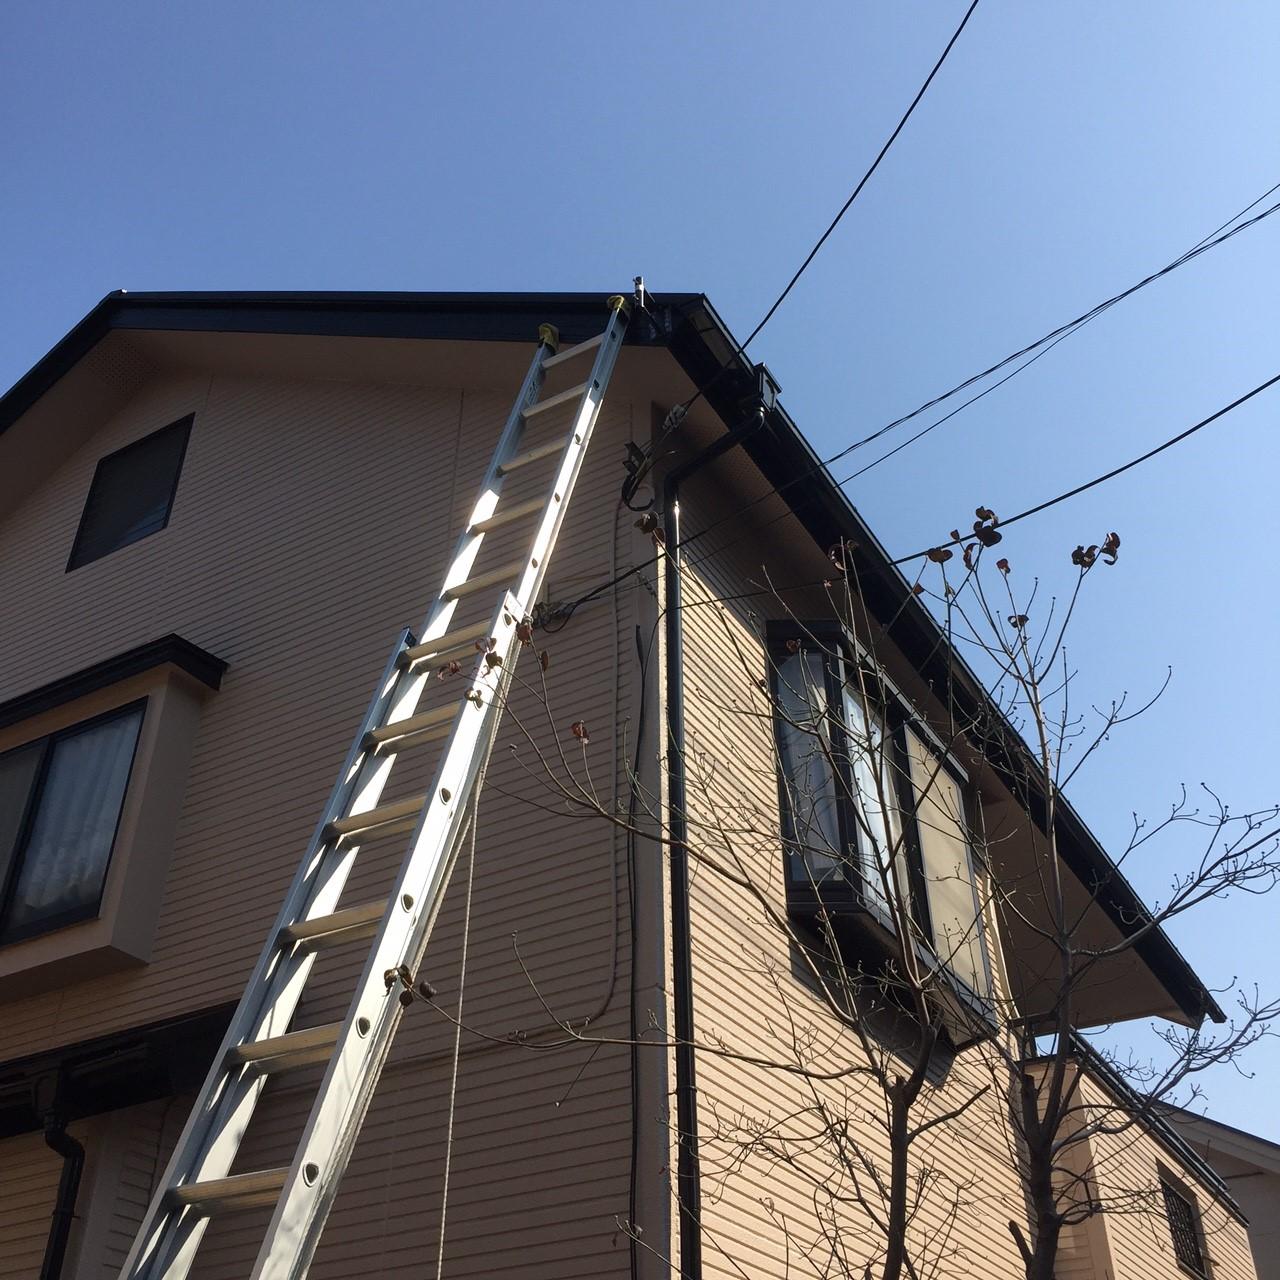 227 富士見市 小岩様_7041